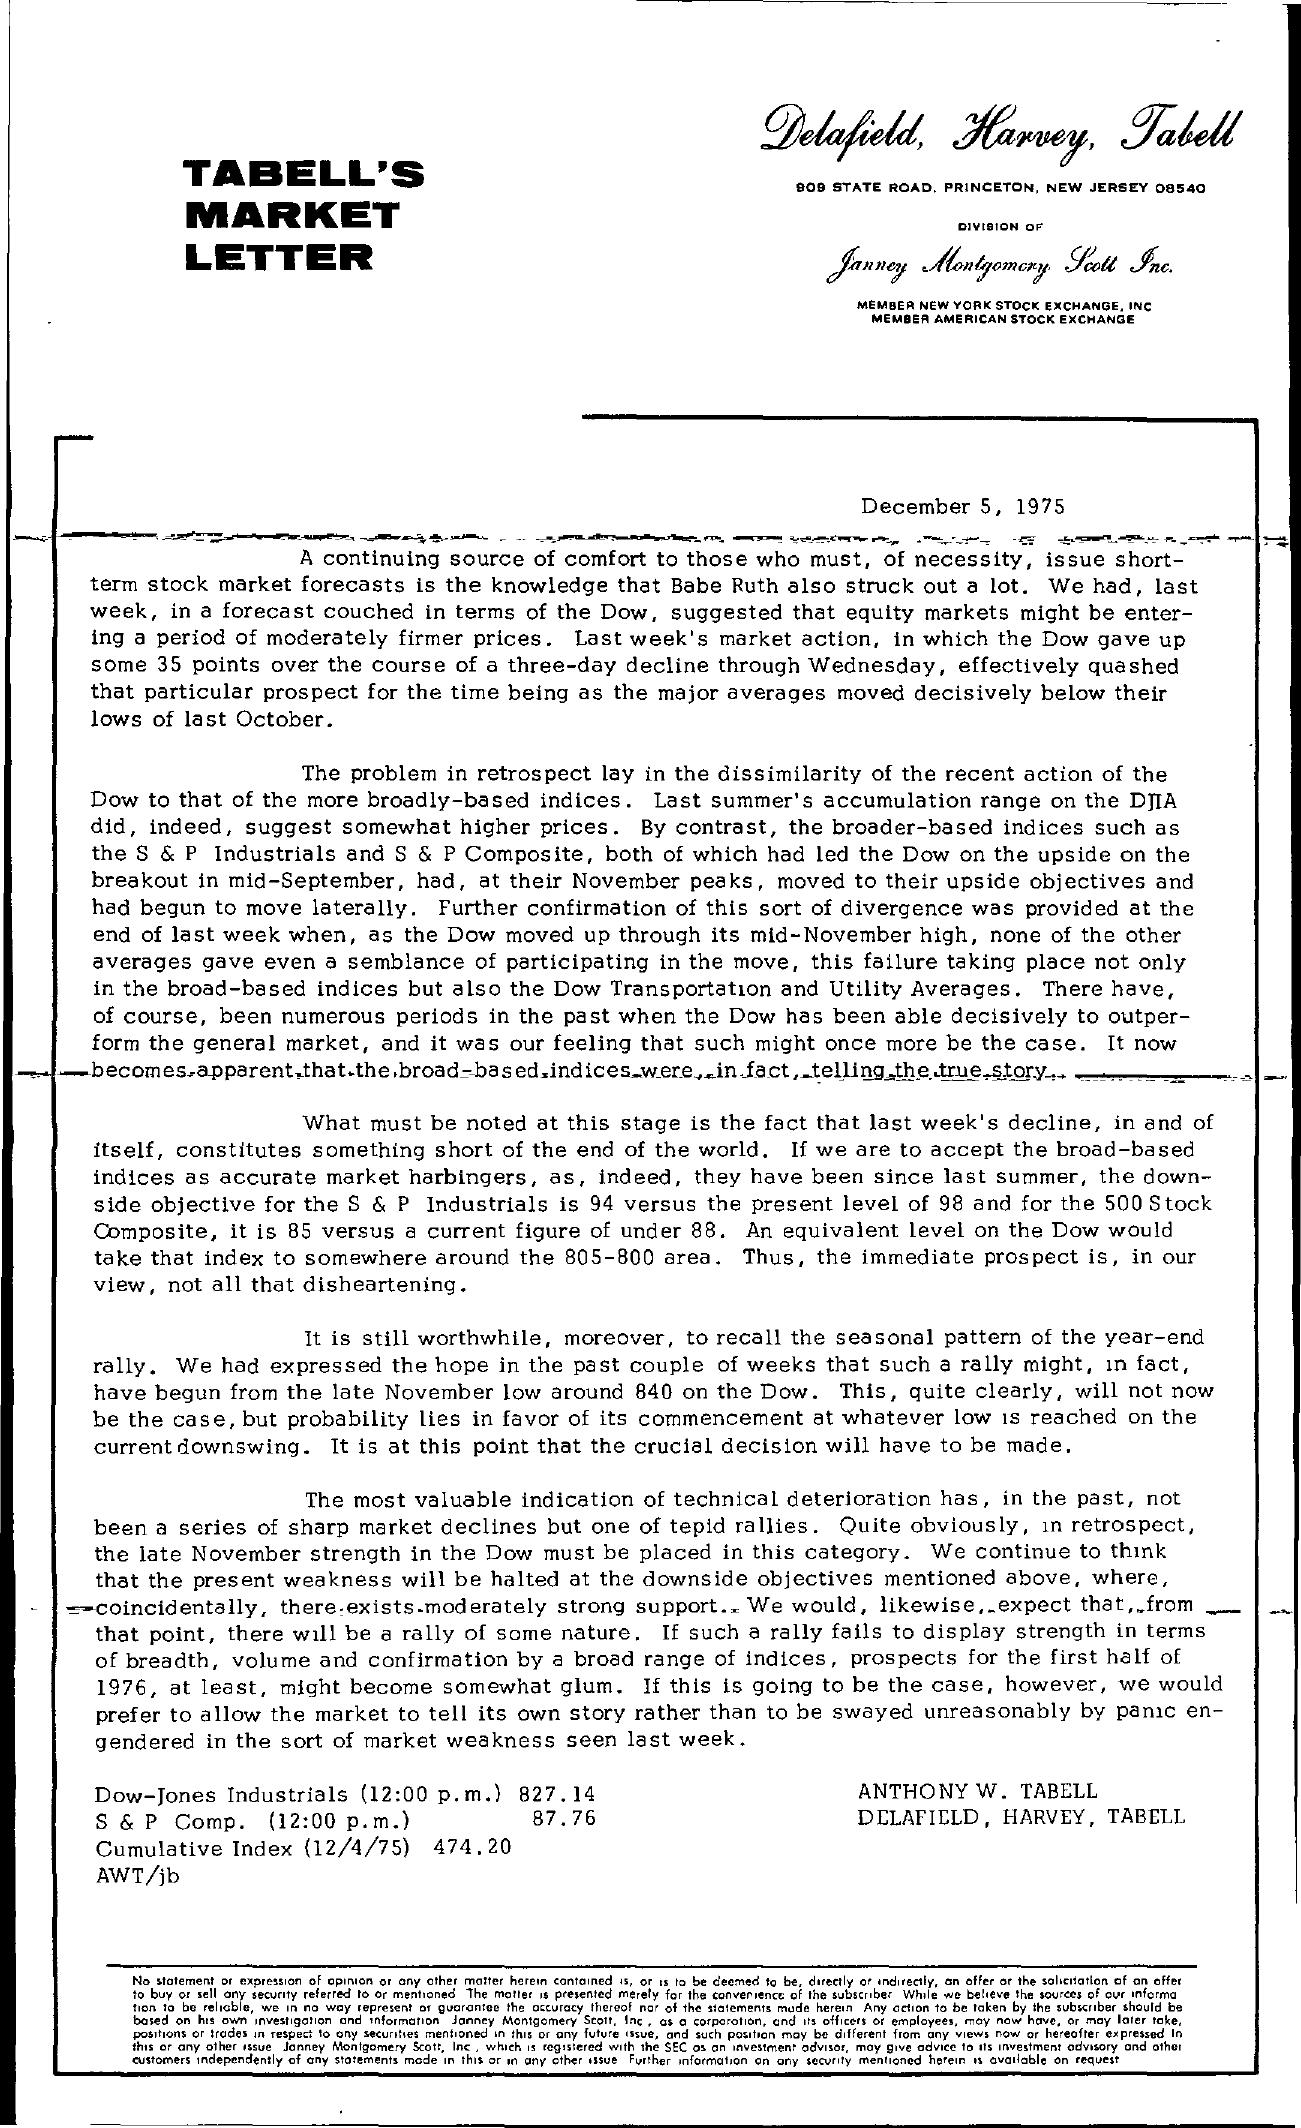 Tabell's Market Letter - December 05, 1975